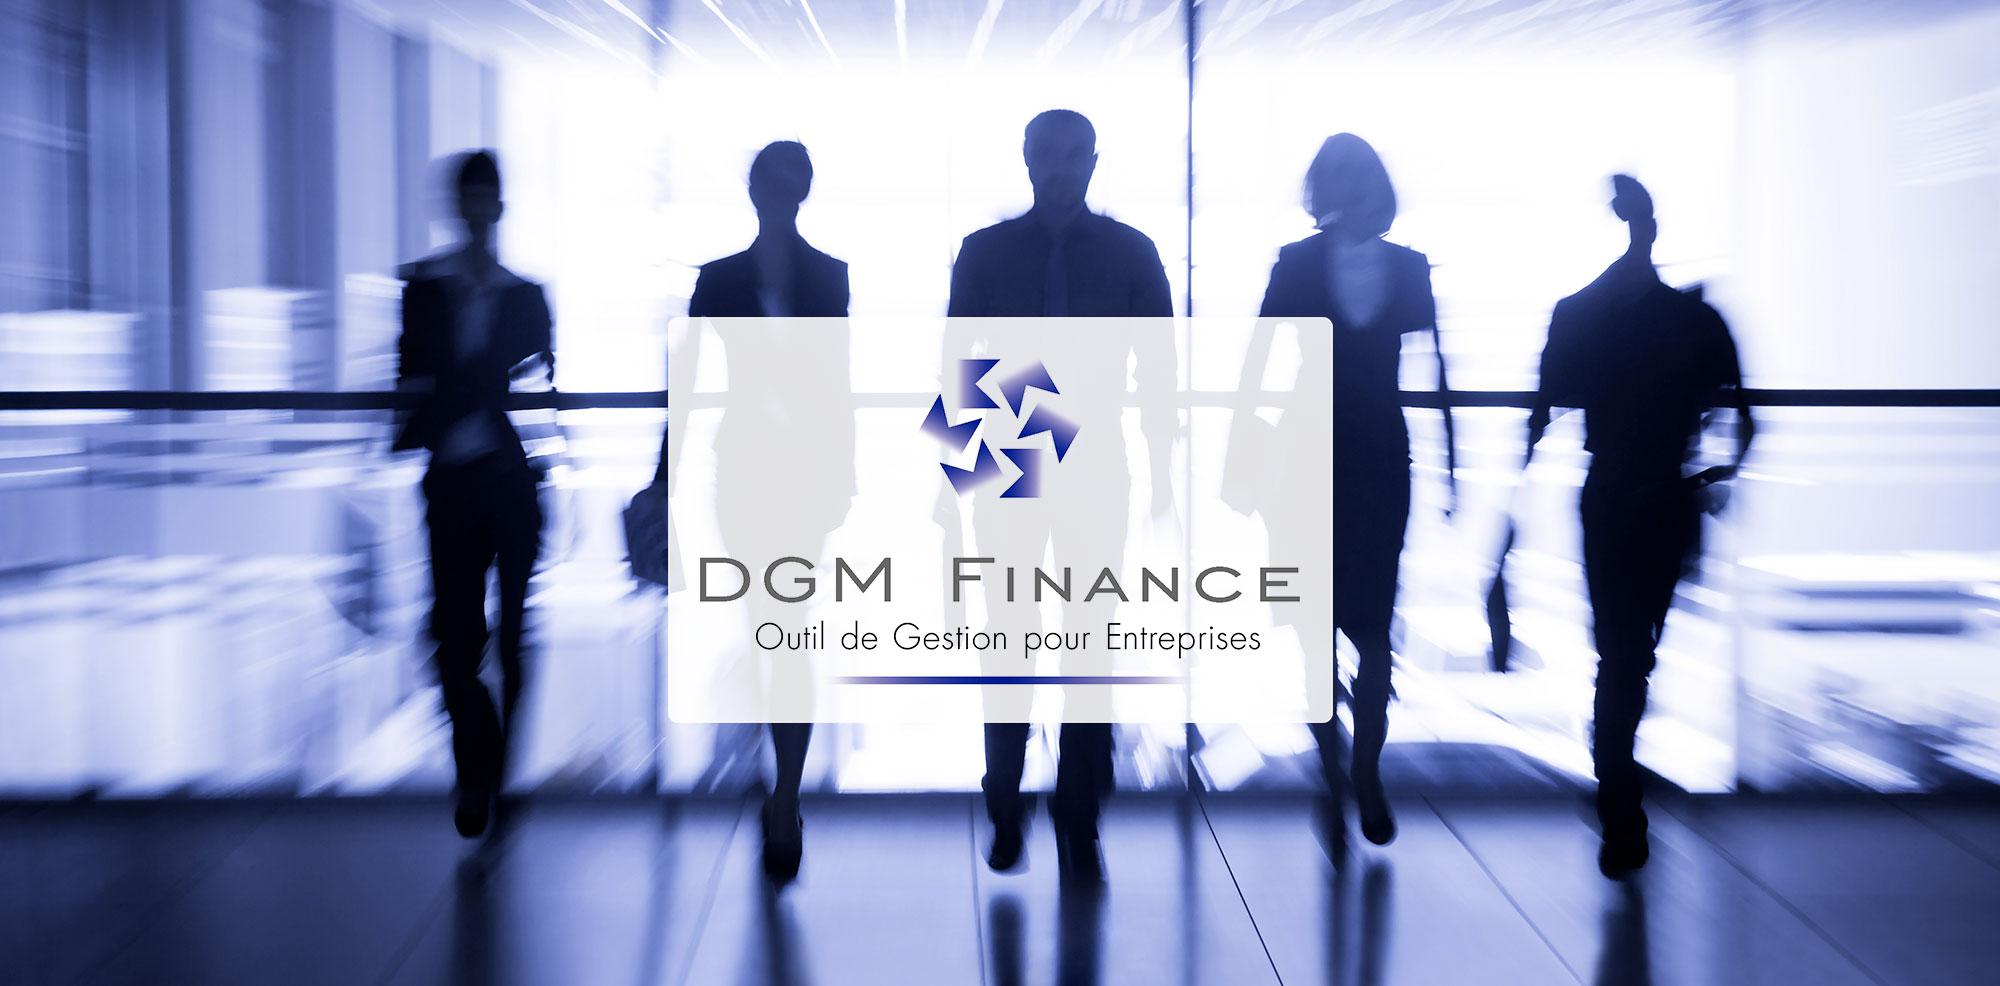 DGM Finance - Société compétente dans le secteur depuis 1996